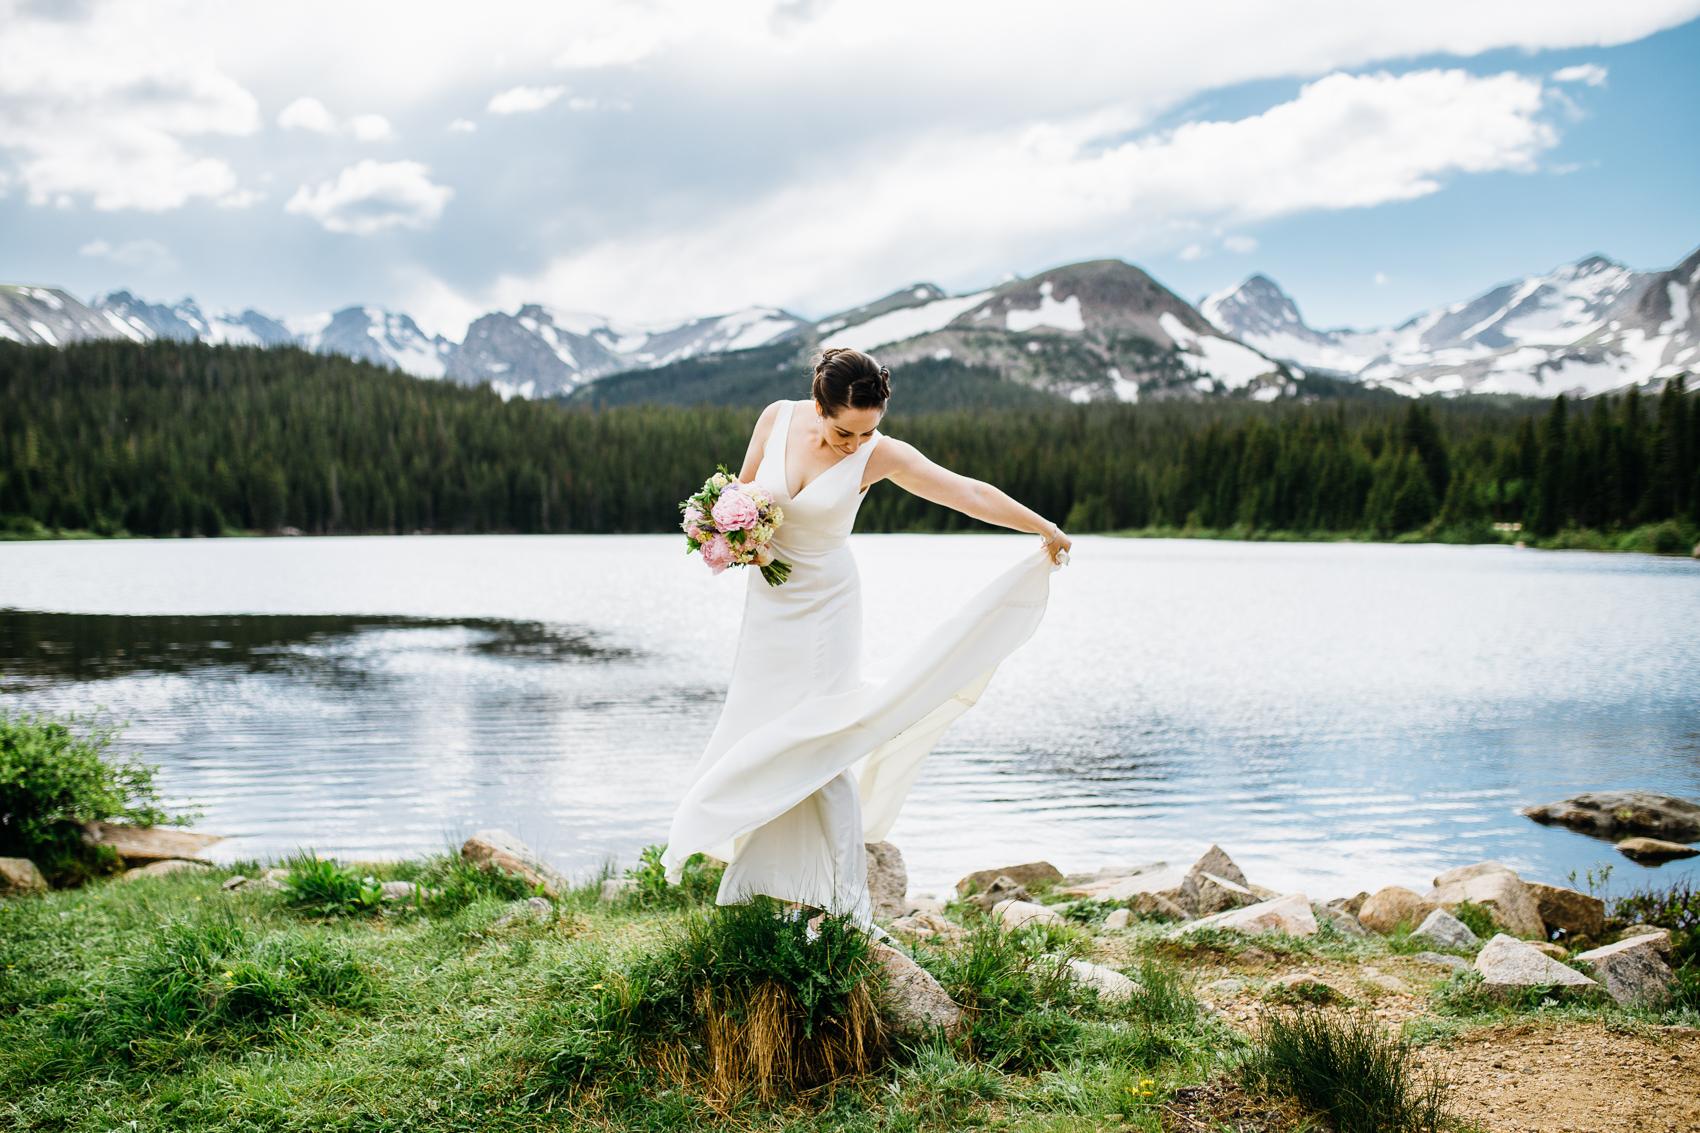 weddings-fth-5.jpg